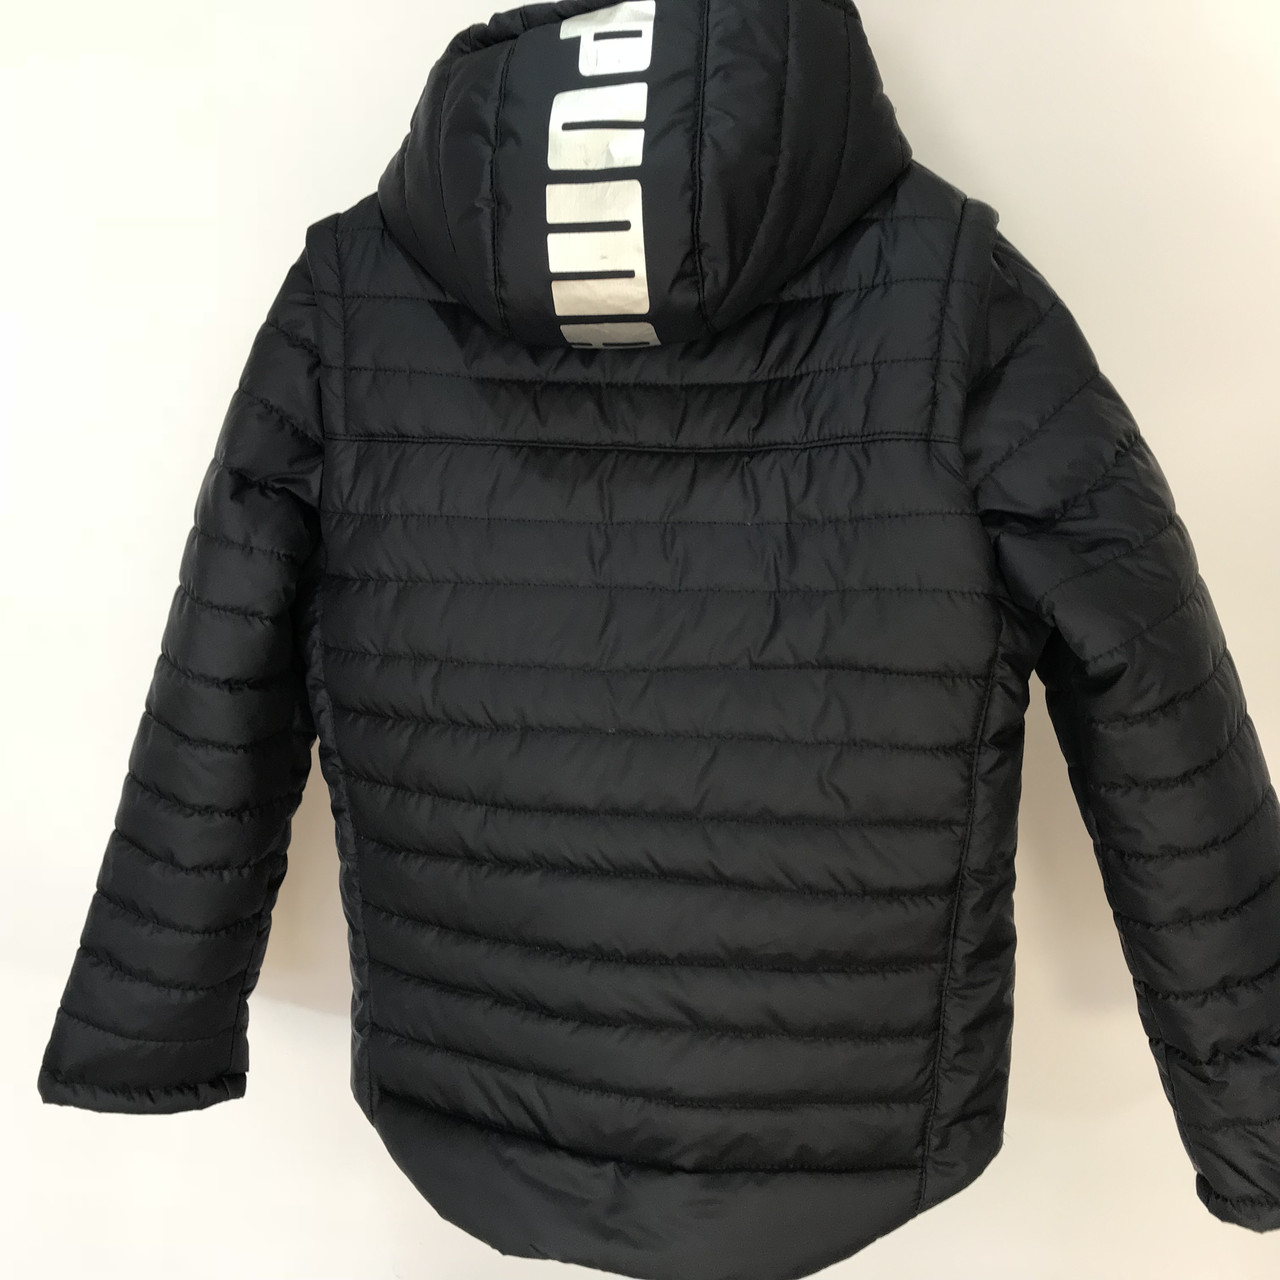 a54308485306 Куртка-жилетка подросток Puma   темно-синяя  продажа, цена в ...